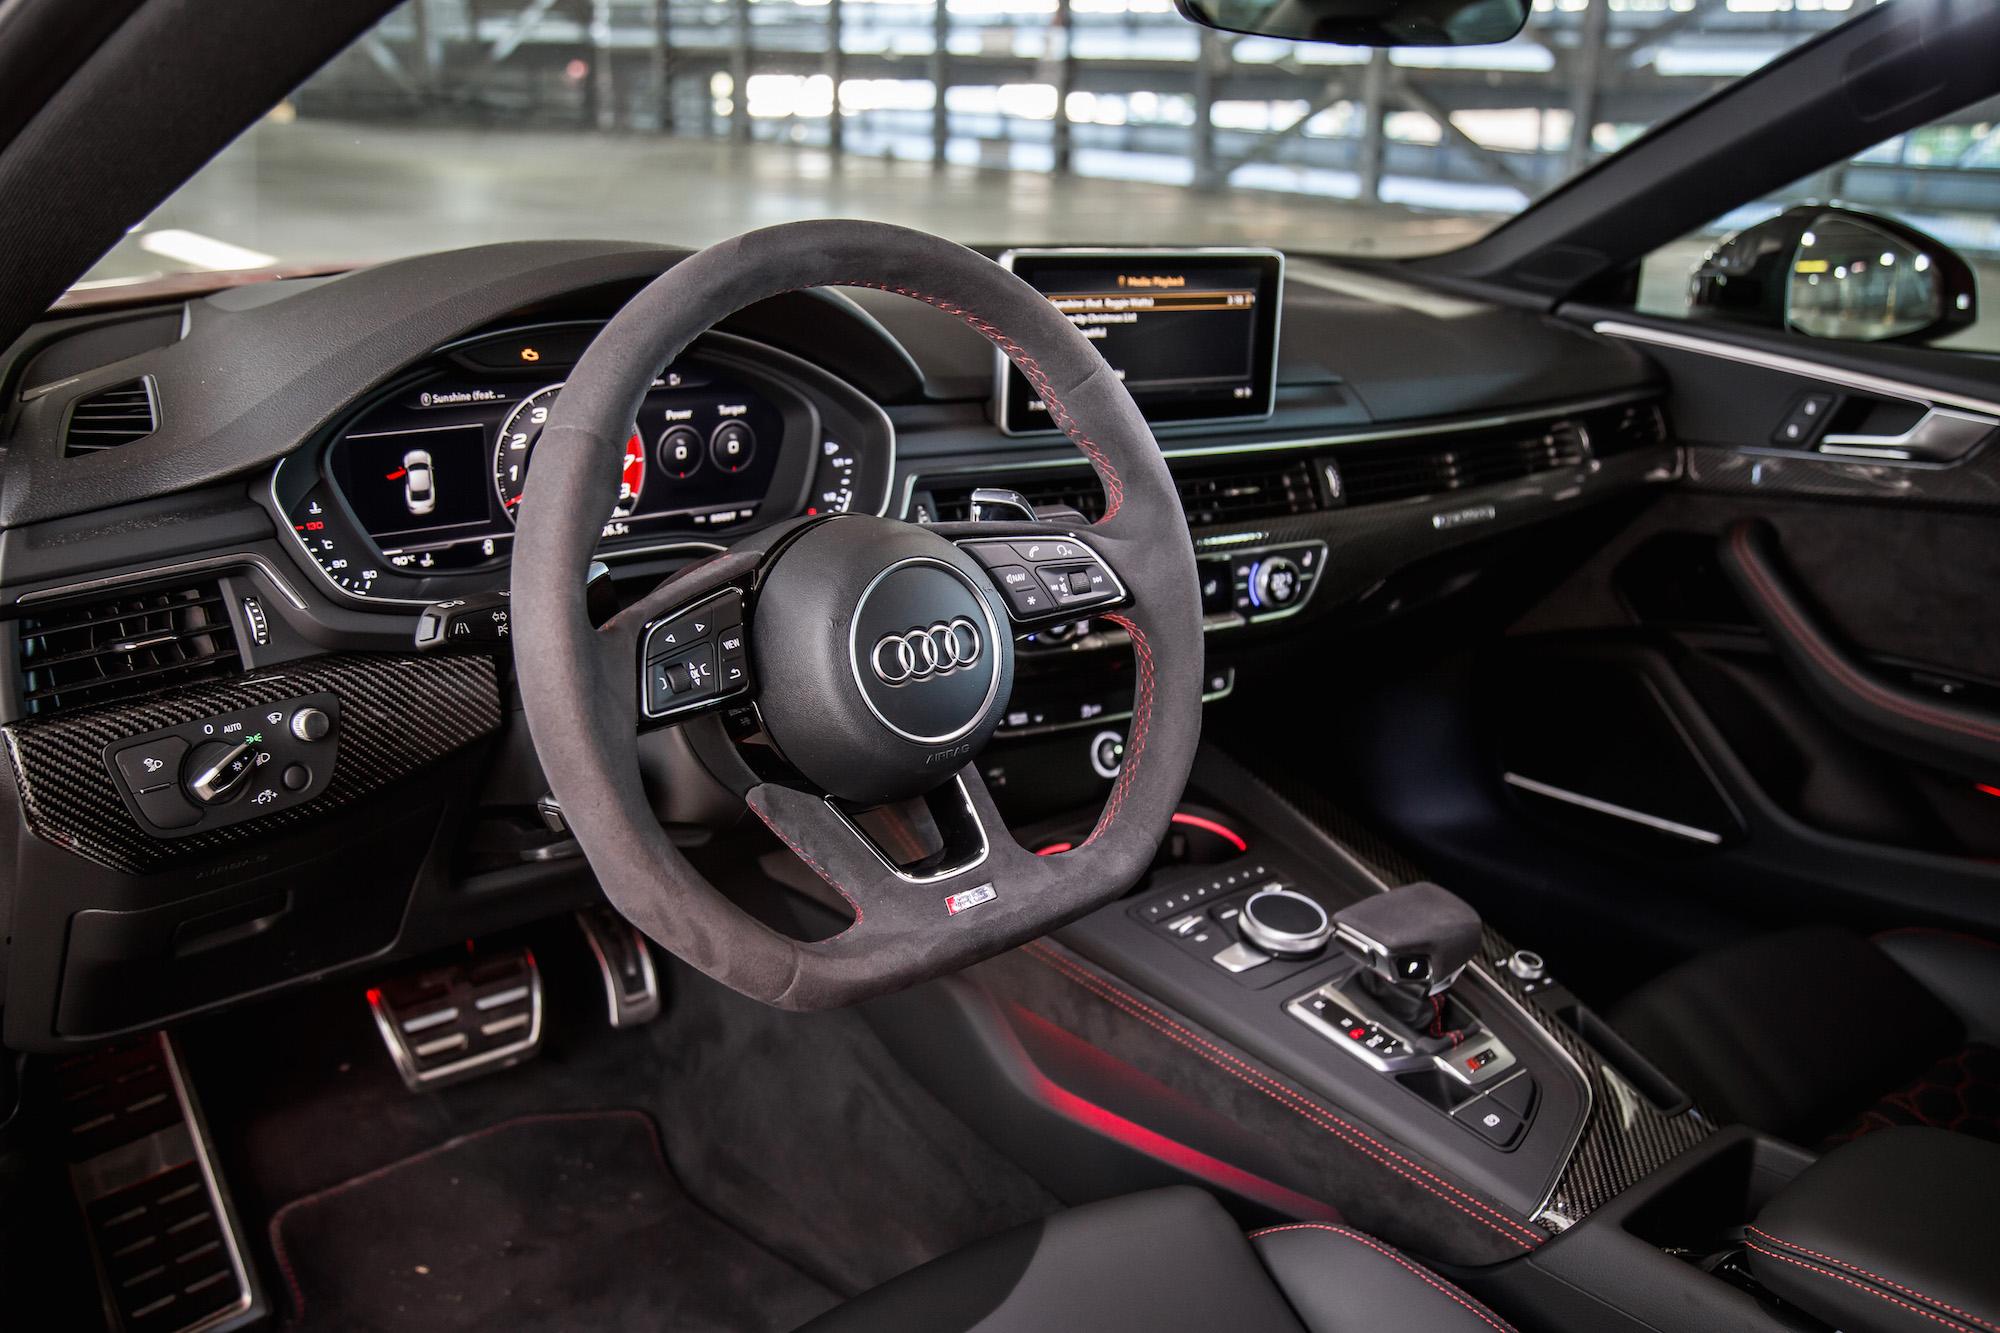 Review 2018 Audi Rs5 Car